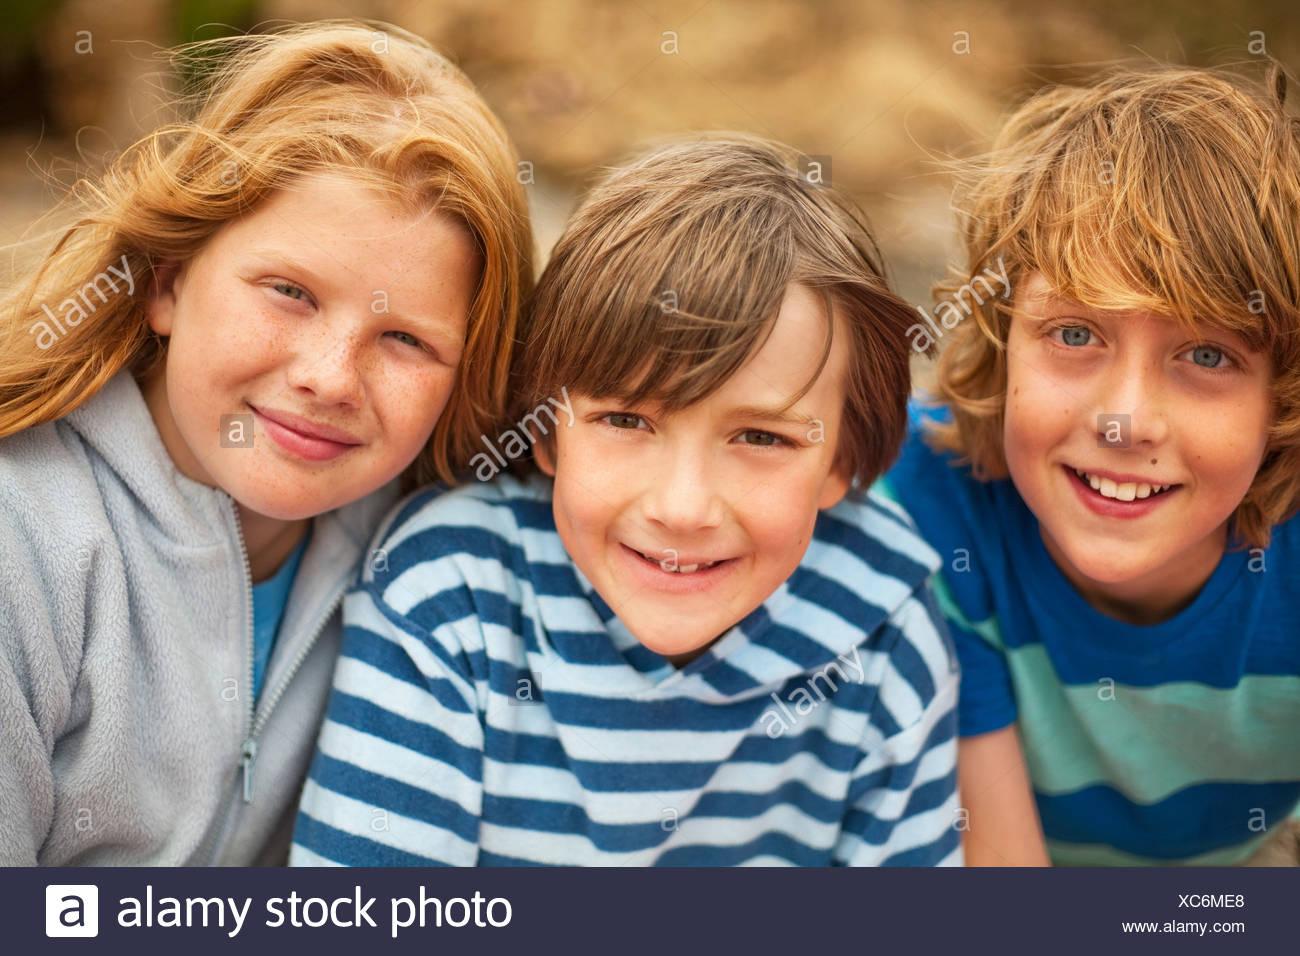 Retrato de tres amigos sonriendo a la cámara Imagen De Stock